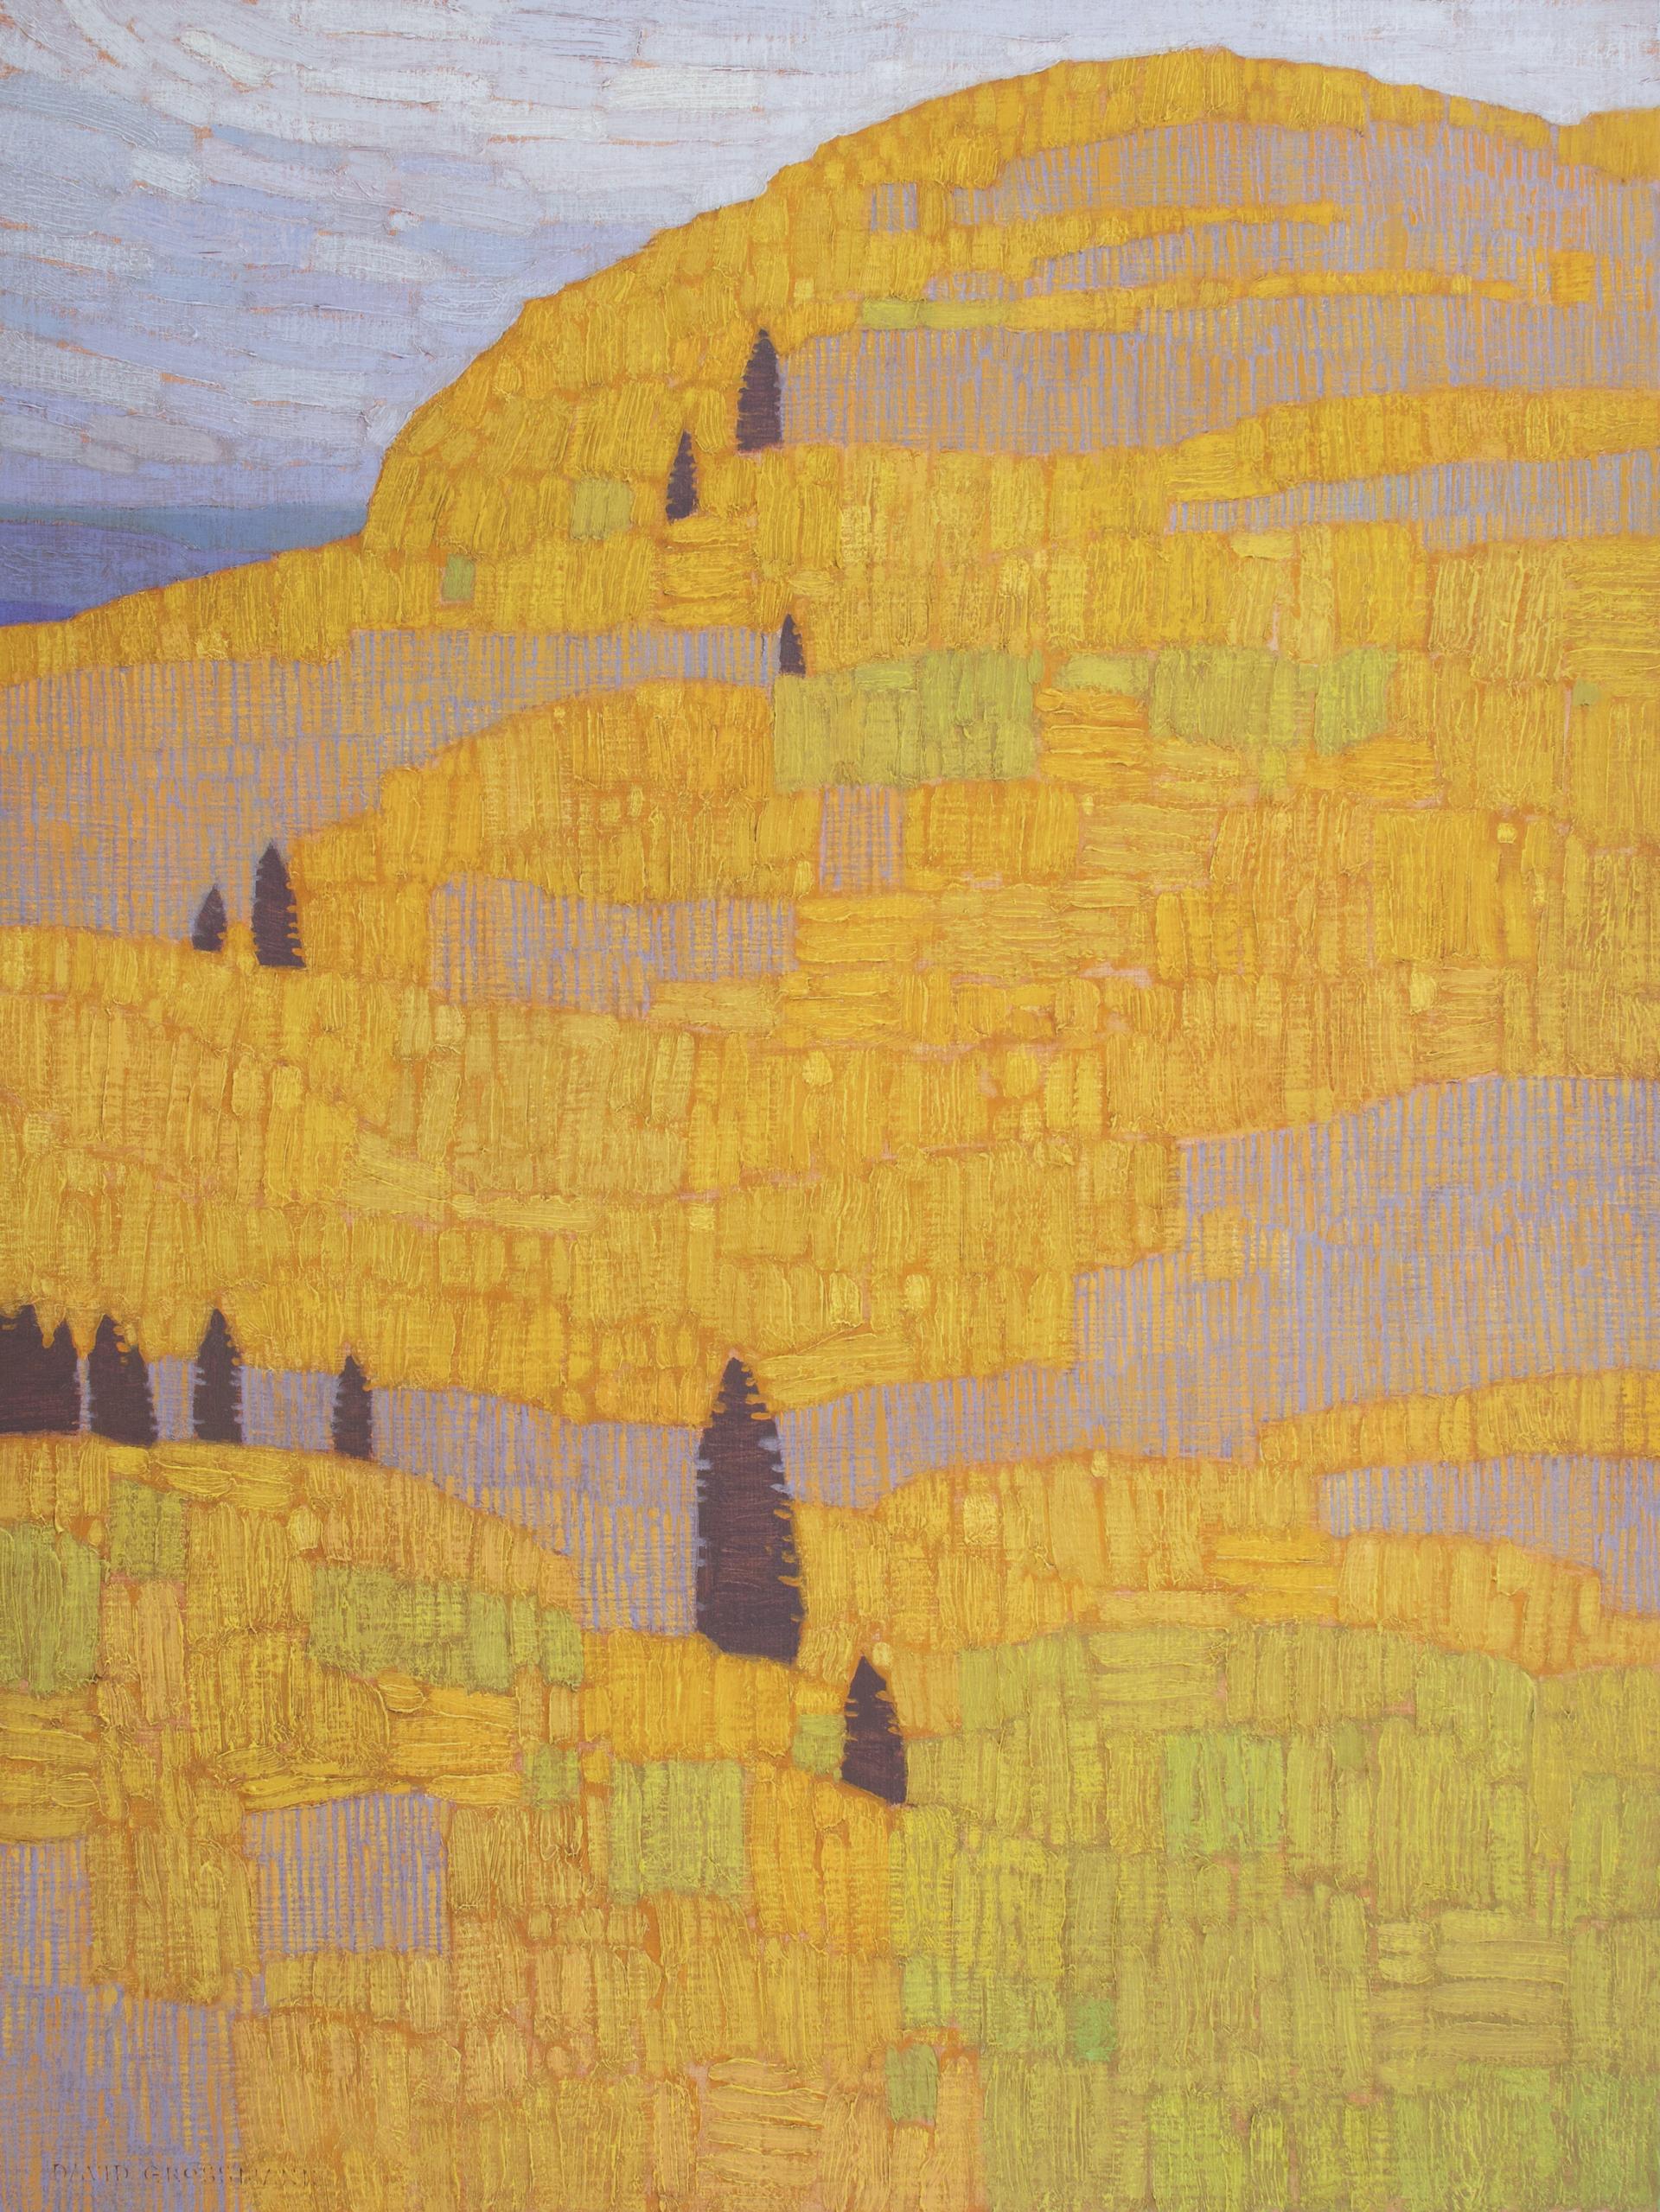 Hill Patterns, Late September by David Grossmann